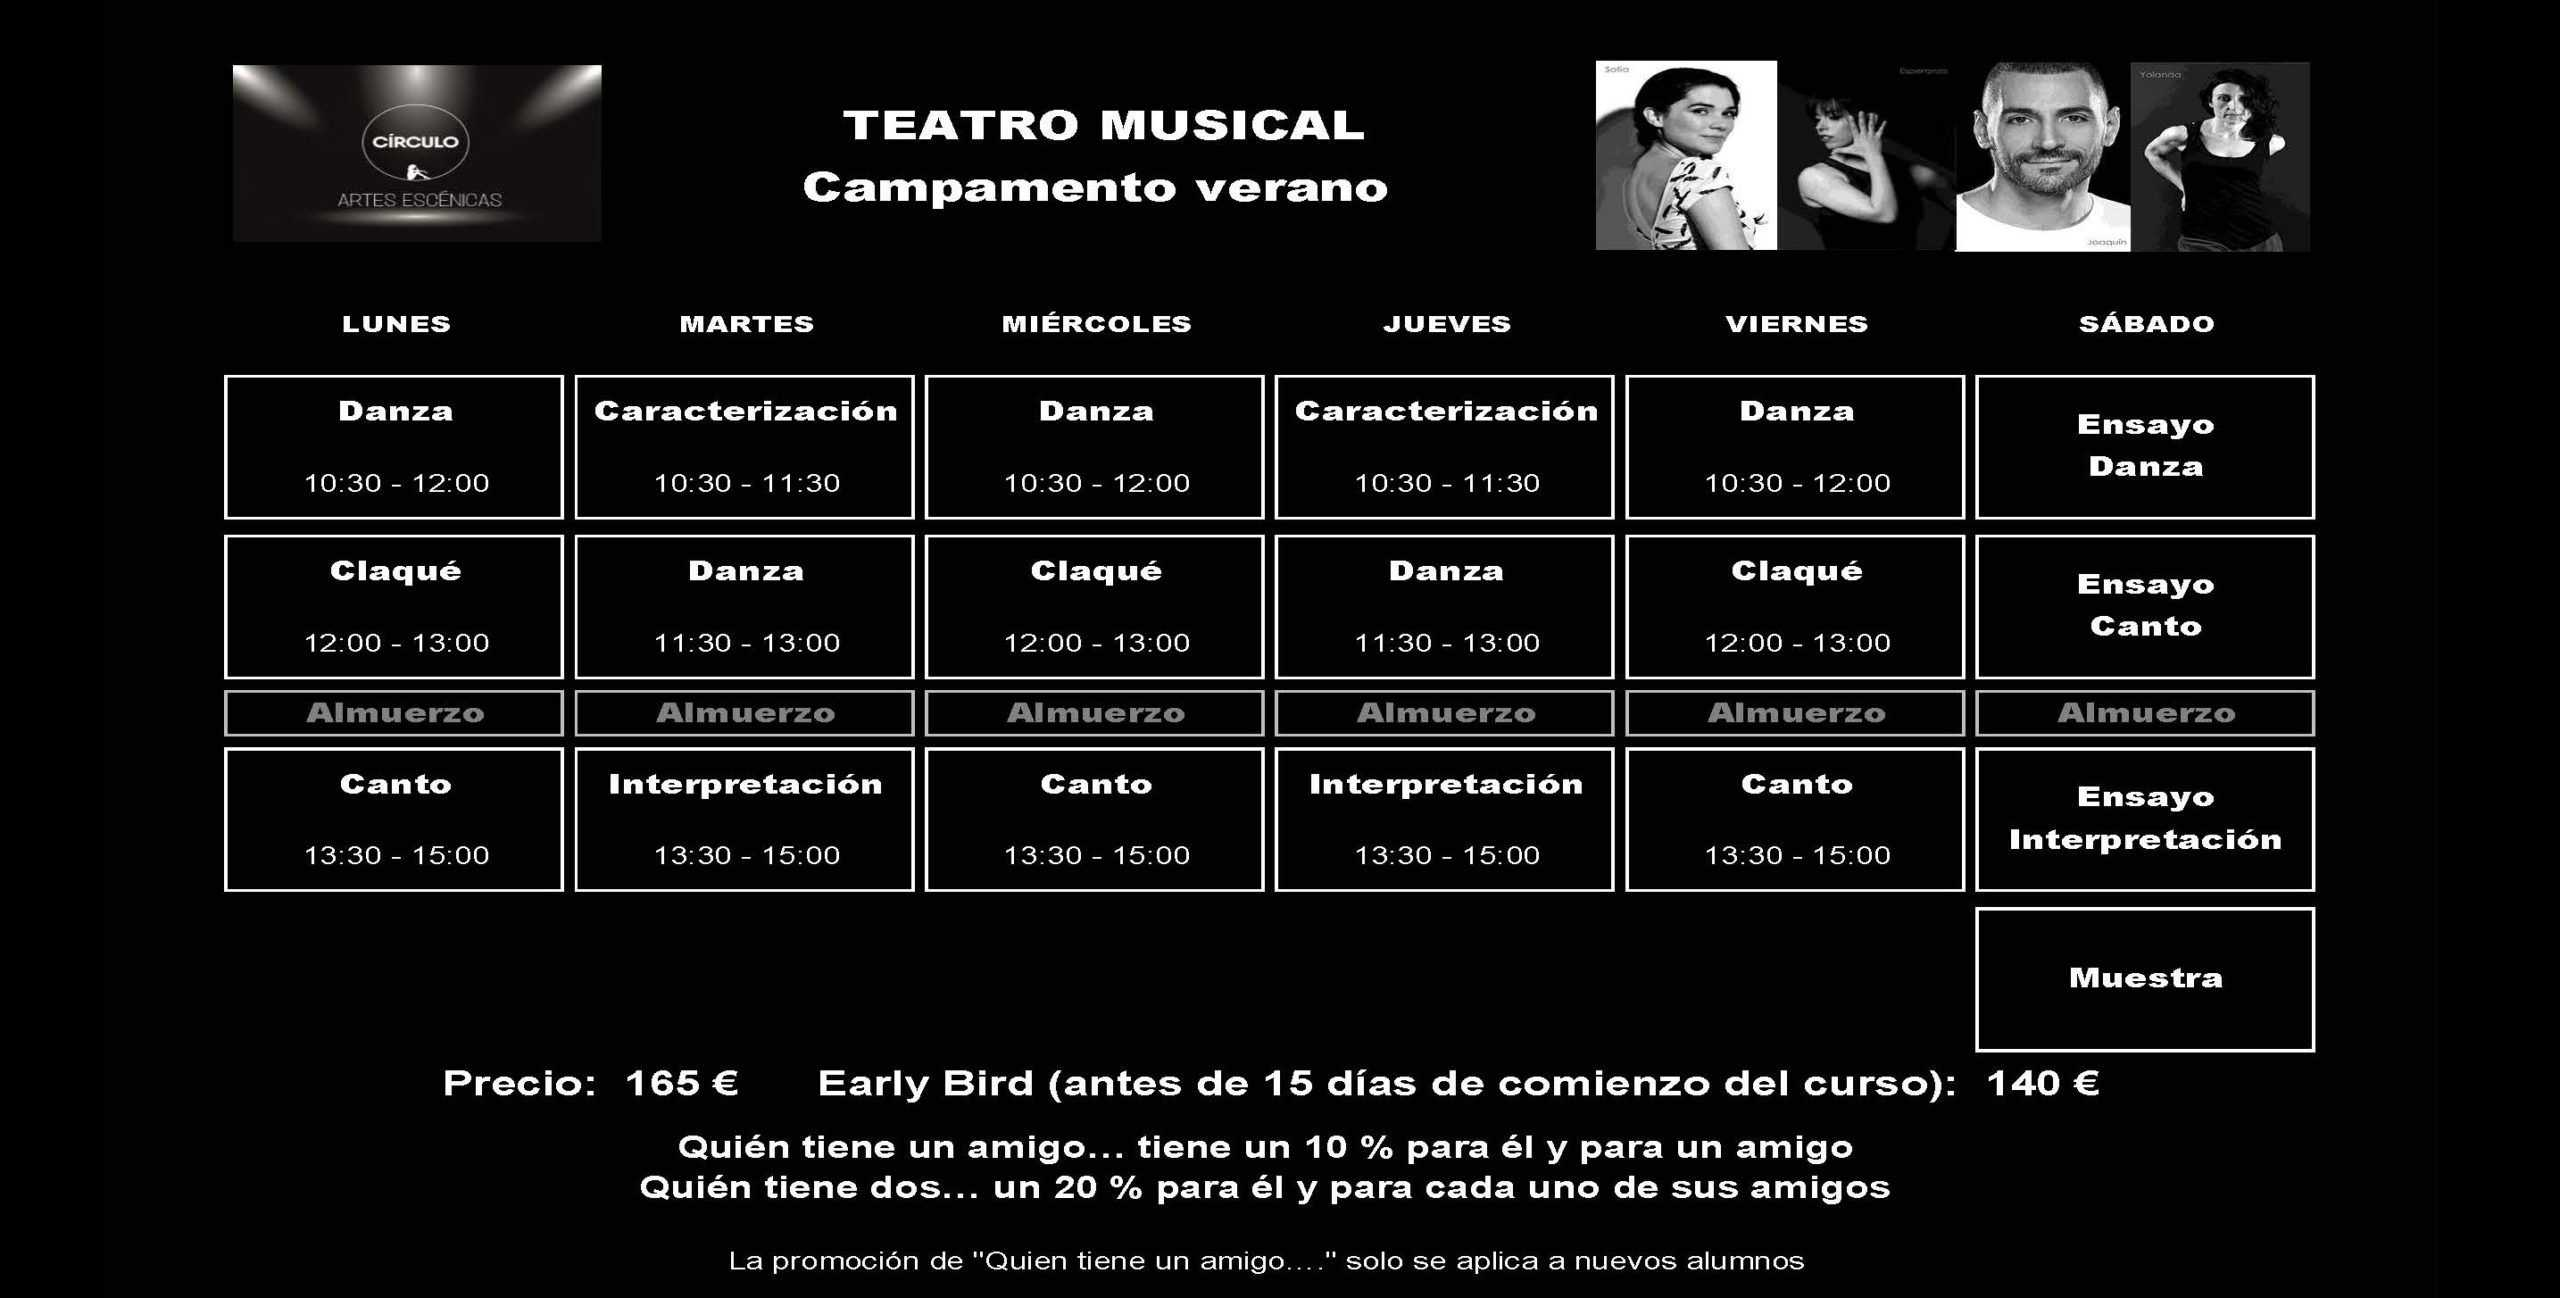 Campamento de Verano de Teatro Musical en Círculo de Baile. Última semana de junio y primeras de julio